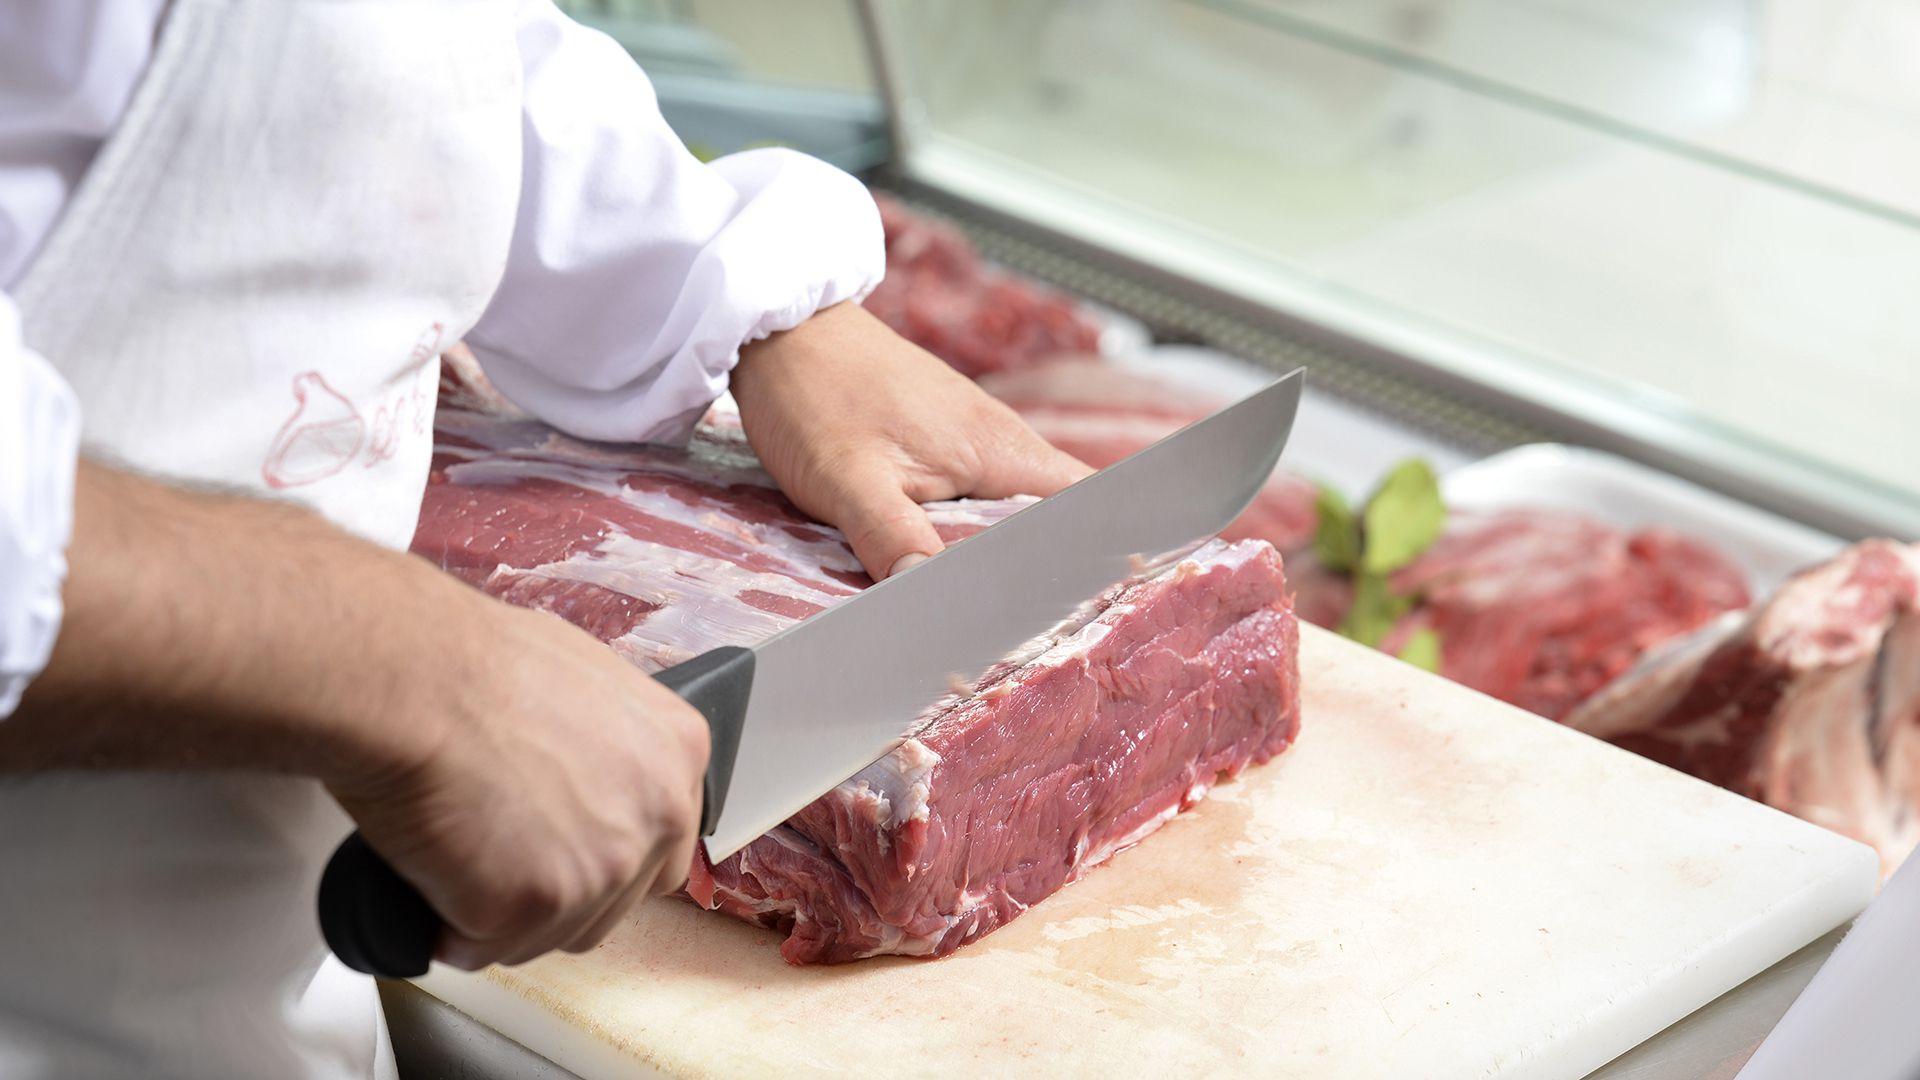 El consumo de carne vacuna fue uno de los sectores más afectados